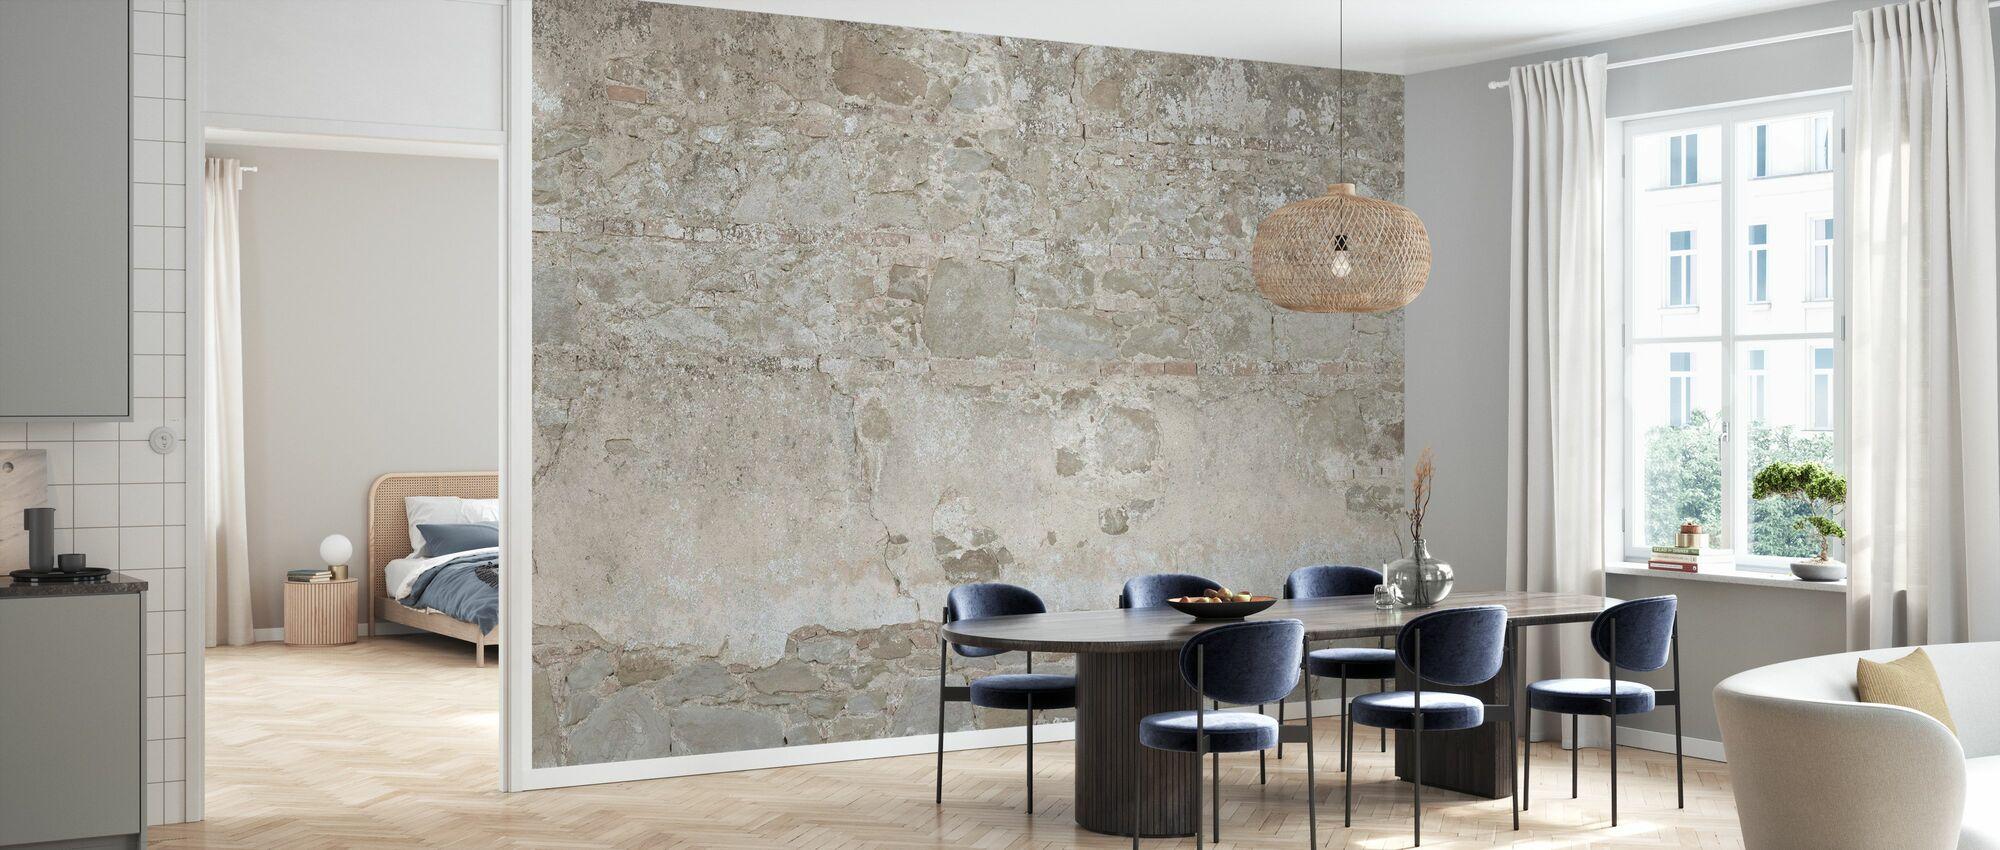 lyse steinmur - Tapet - Kjøkken